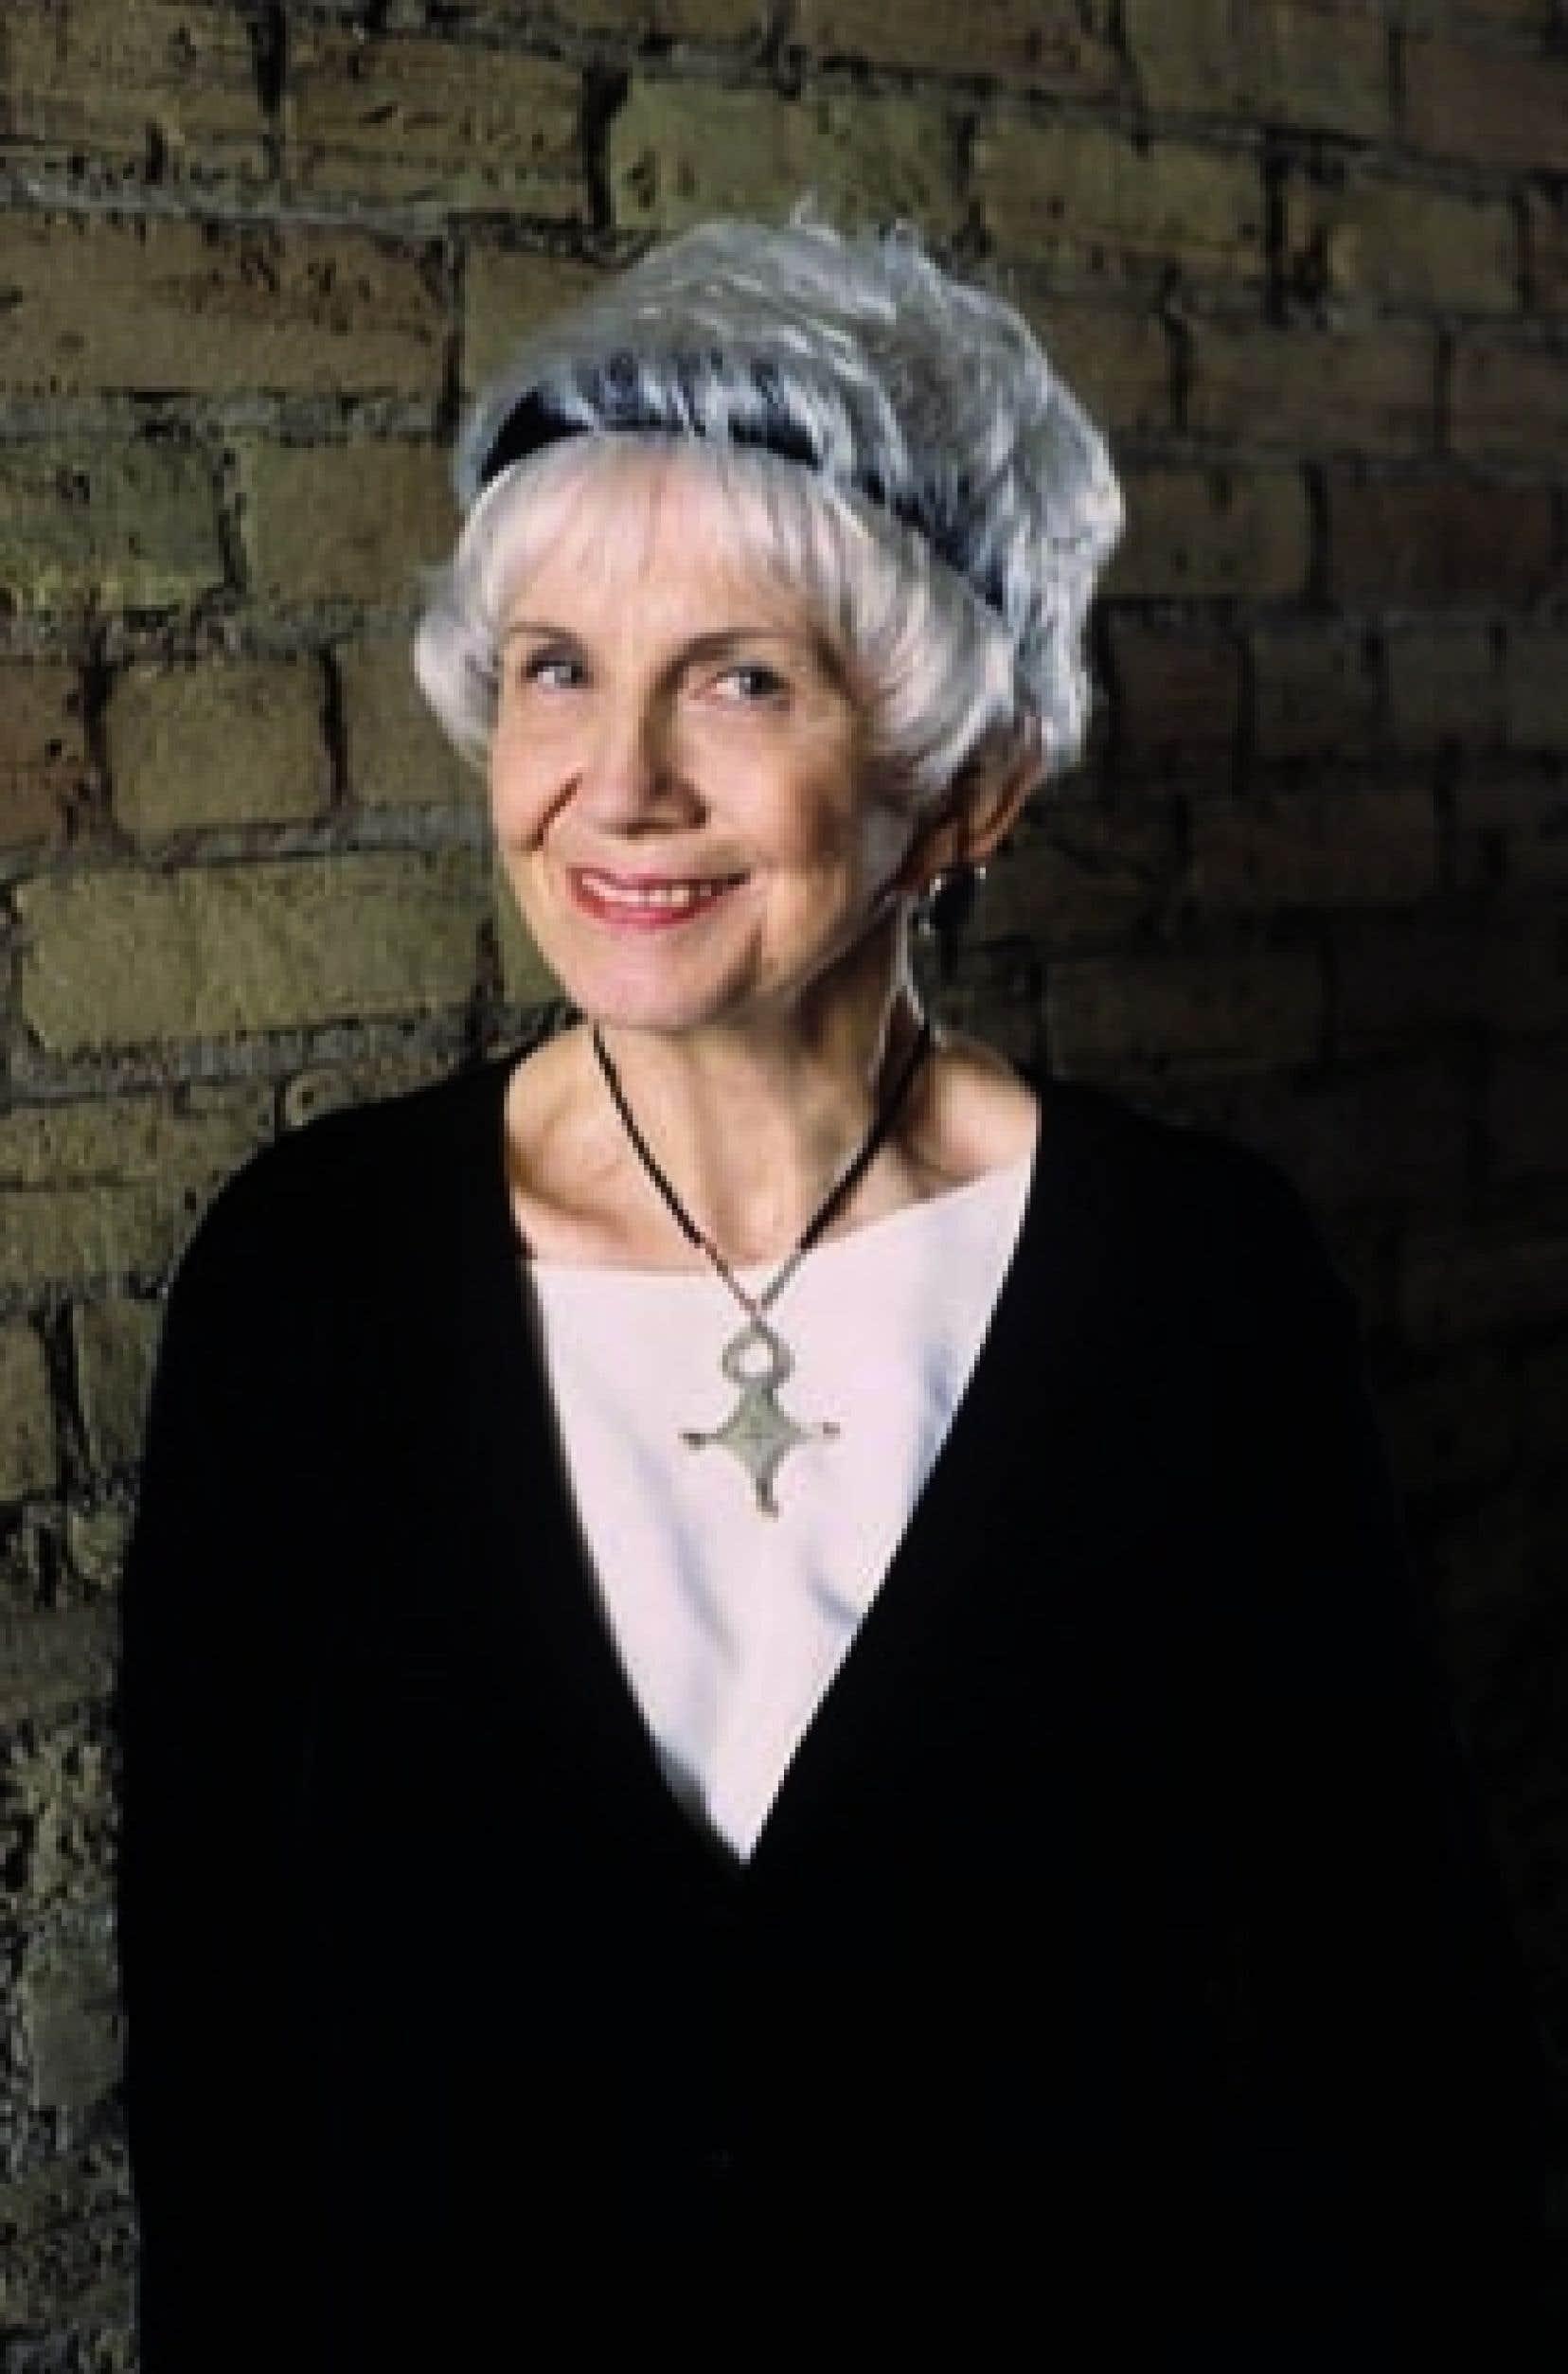 Le prochain recueil de nouvelles d'Alice Munro, Too Much Happiness, sera publié en octobre 2009.